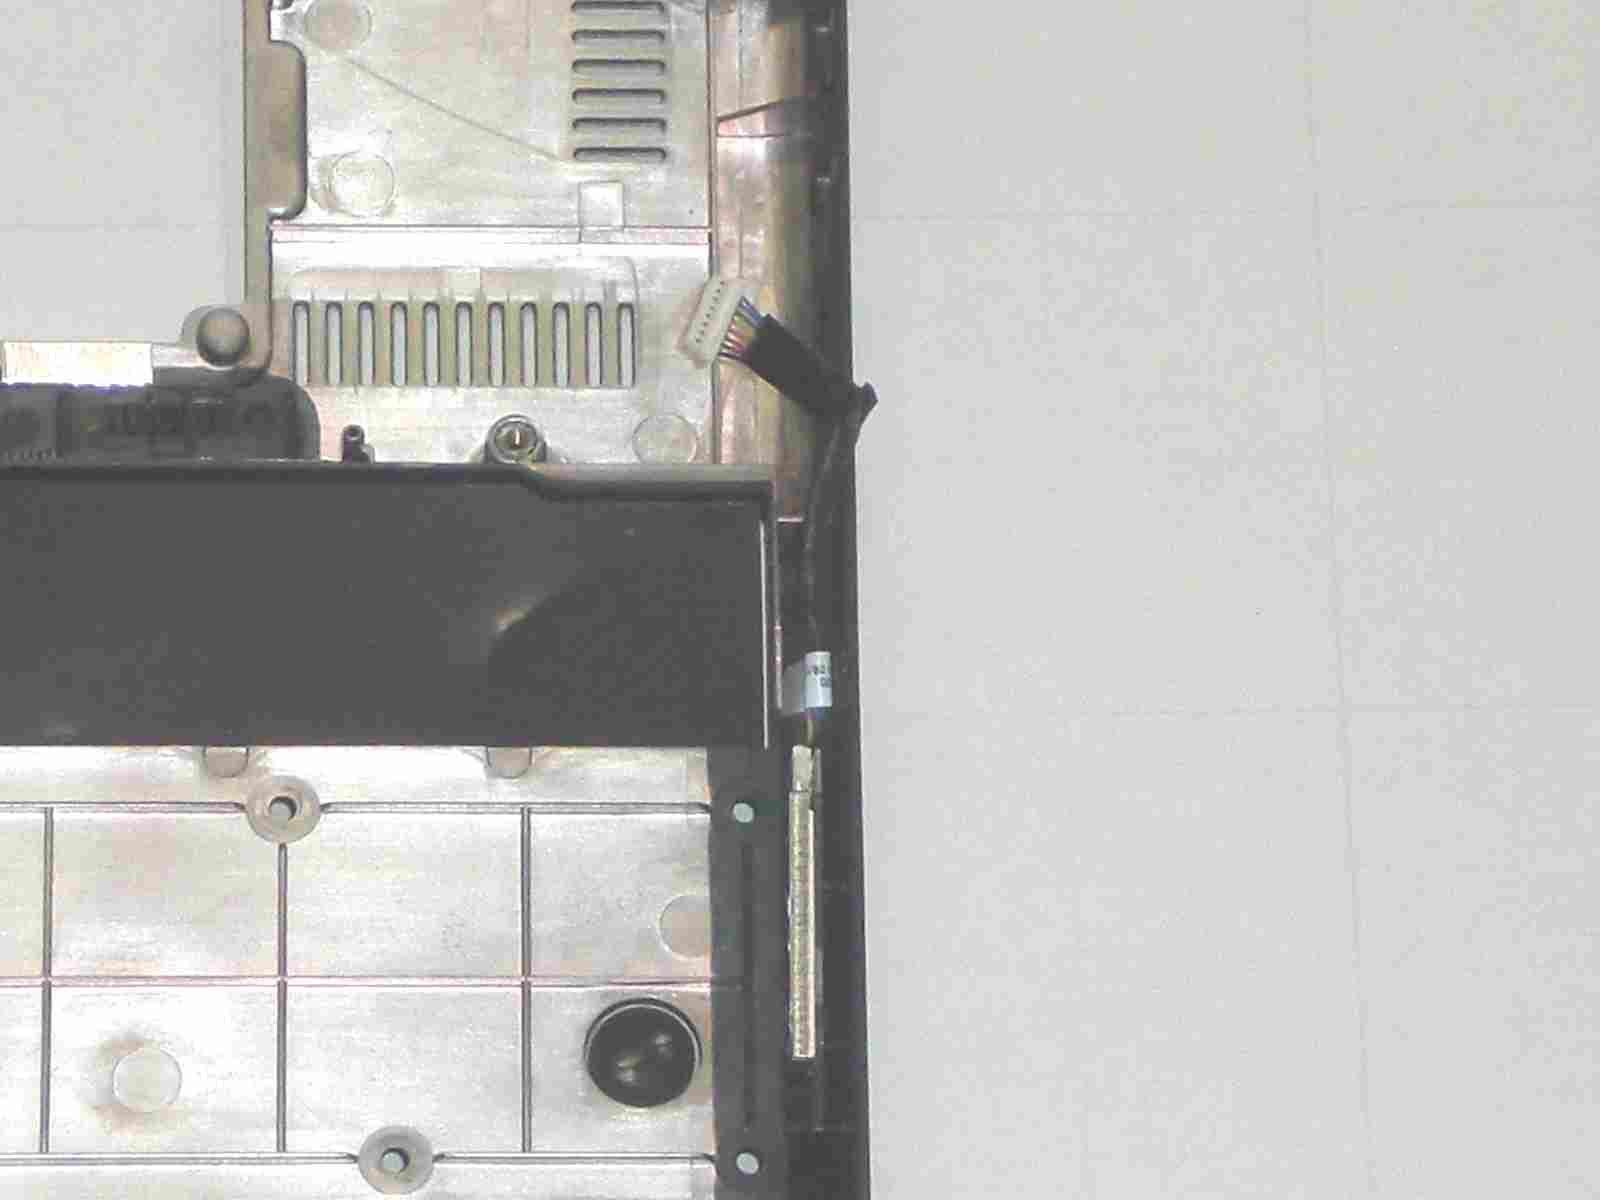 ASUS Eee S101H 筐体下部のディティール2 BlueTooth ユニット